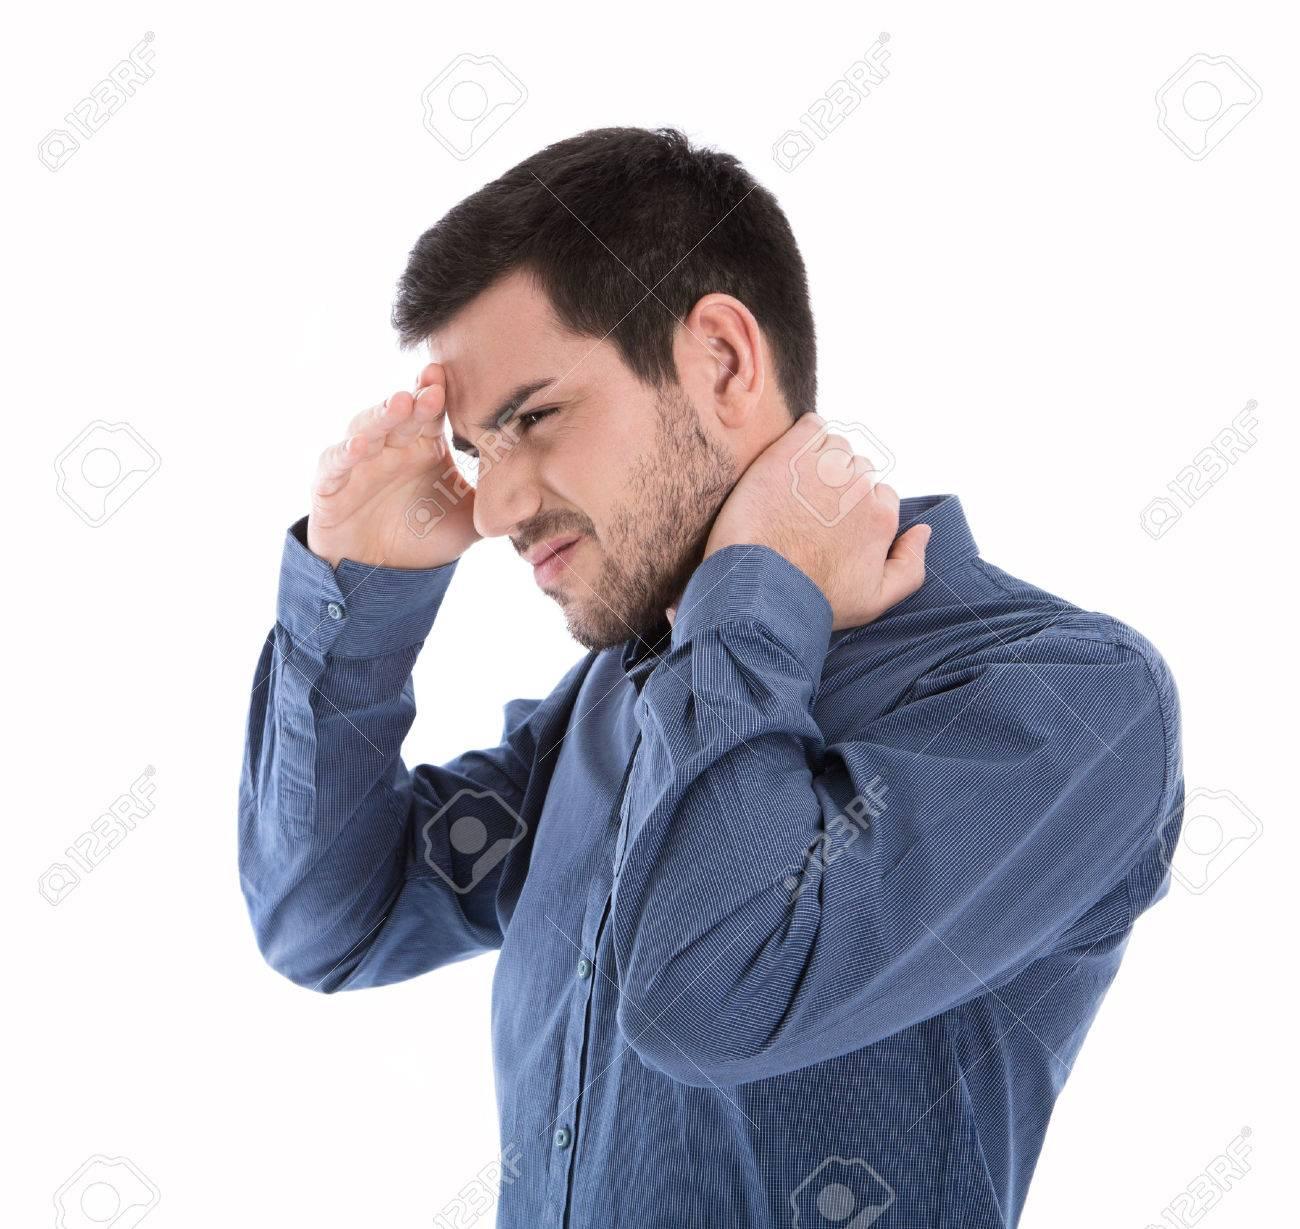 Homme isolé en chemise bleue avec des douleurs dans le cou sur fond blanc. Banque d'images - 42962137